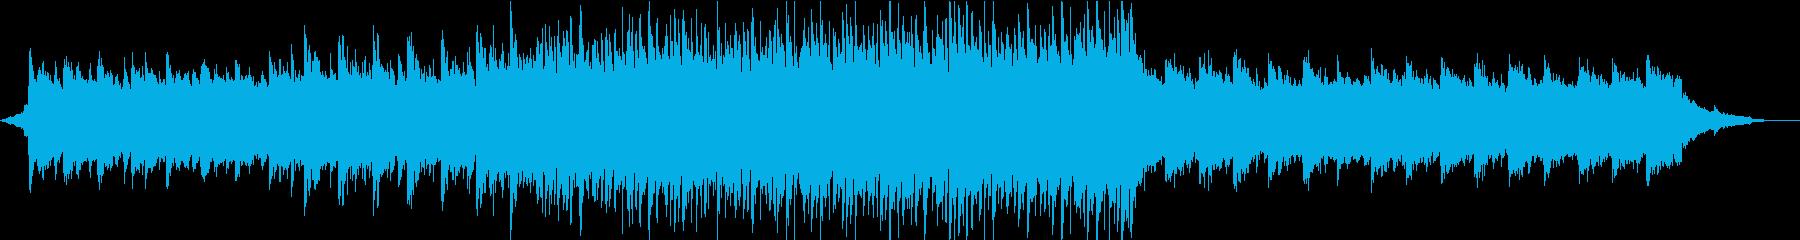 印象に残るメロディのピアノギターロック②の再生済みの波形